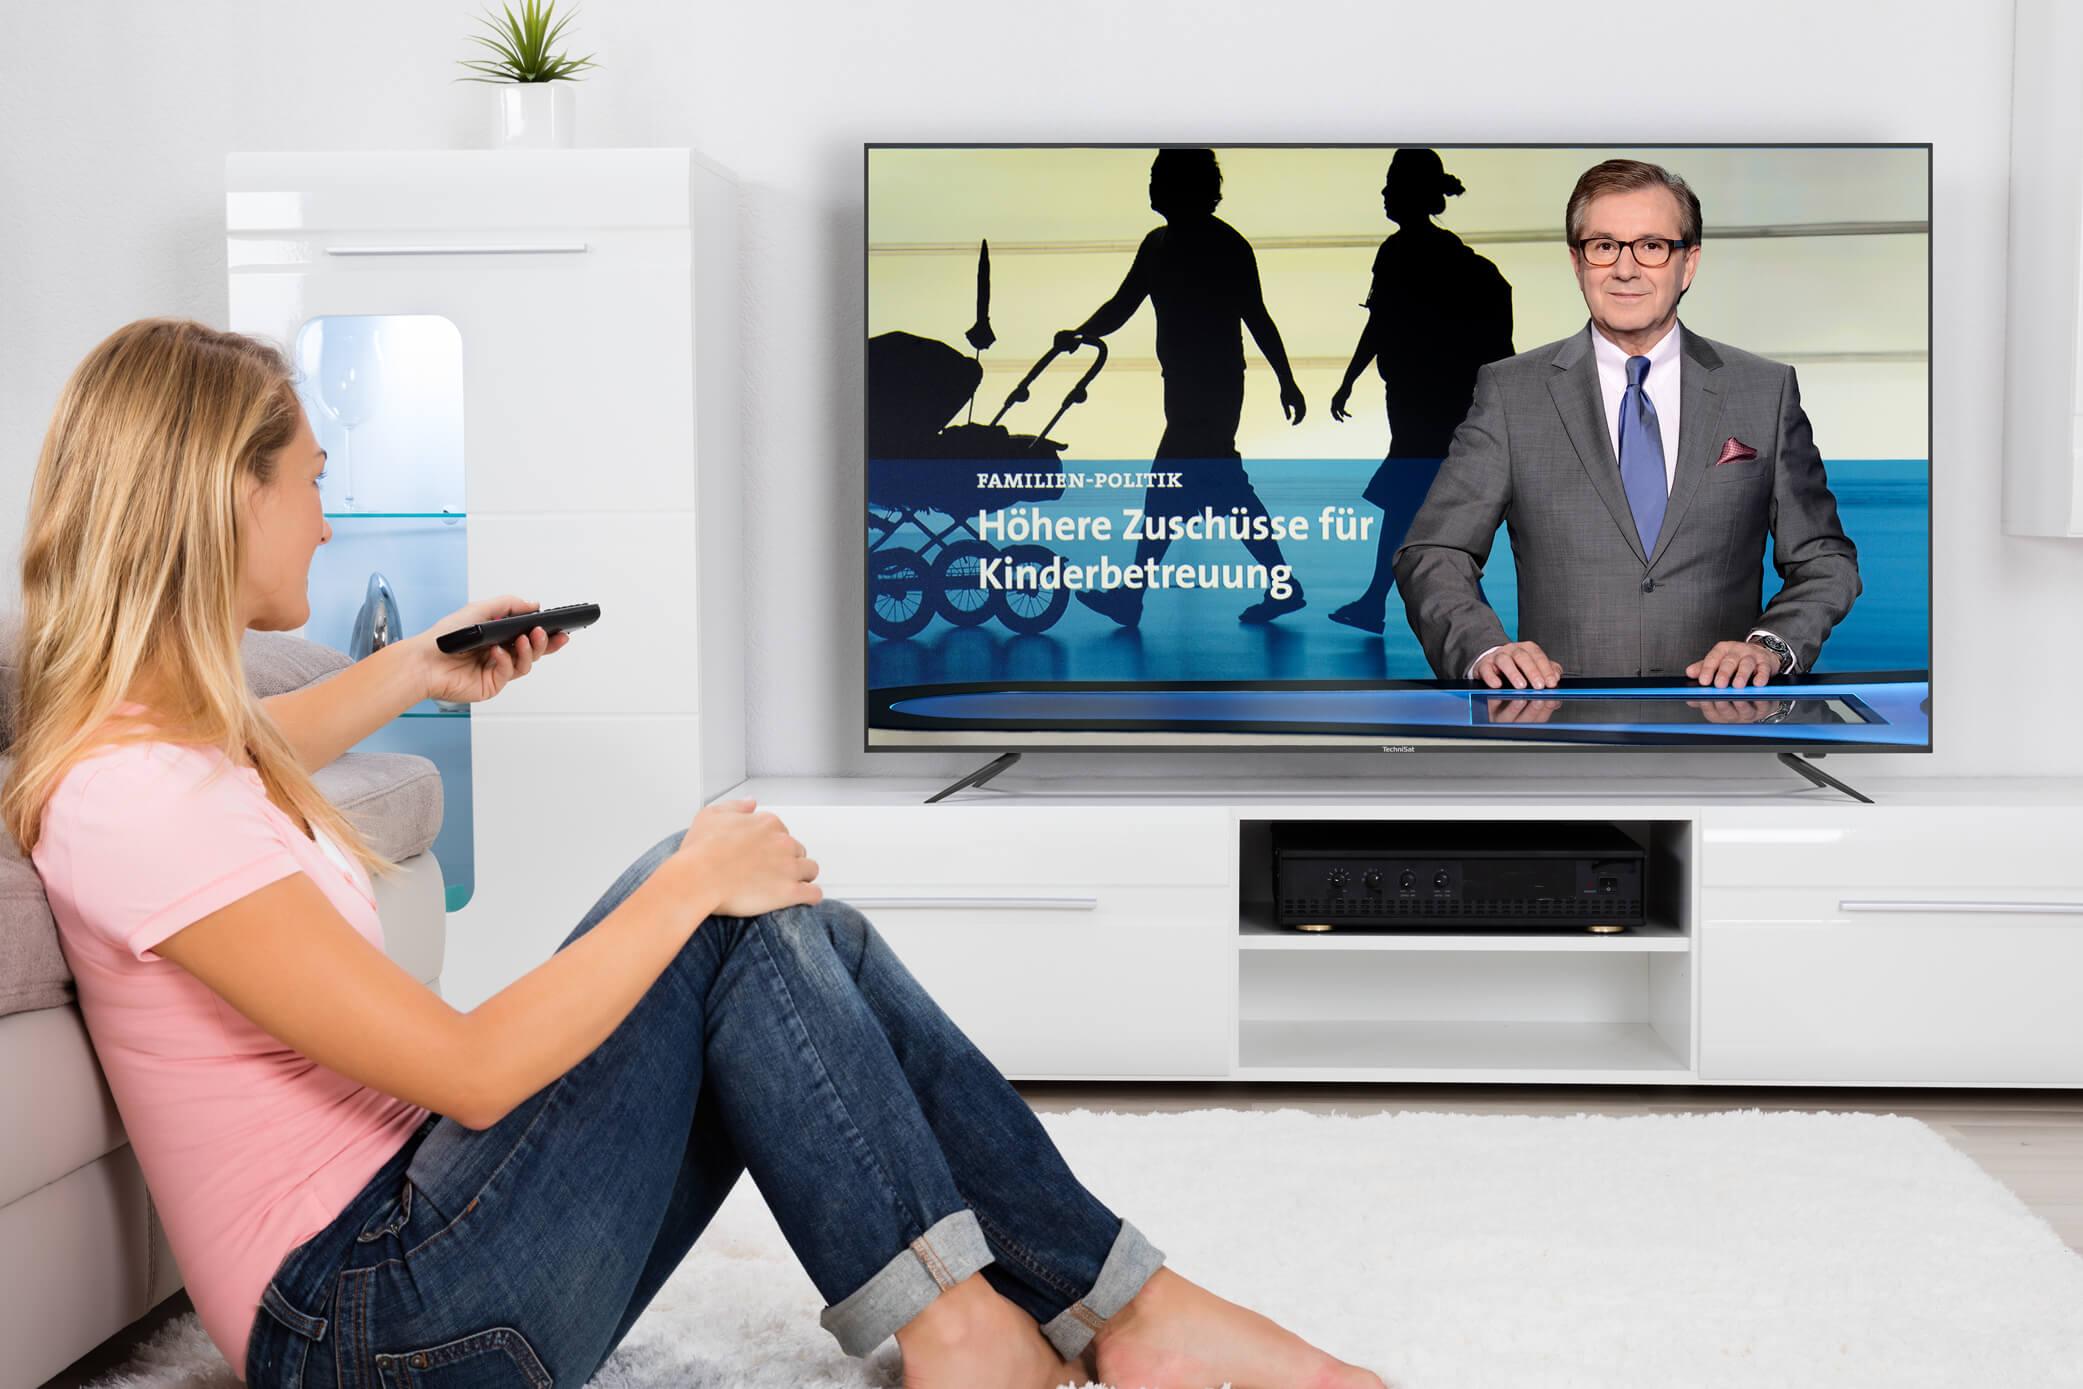 Corona verändert Mediennutzung: Verbraucher wollen mehr Informationen und Unterhaltung - auf allen Kanälen